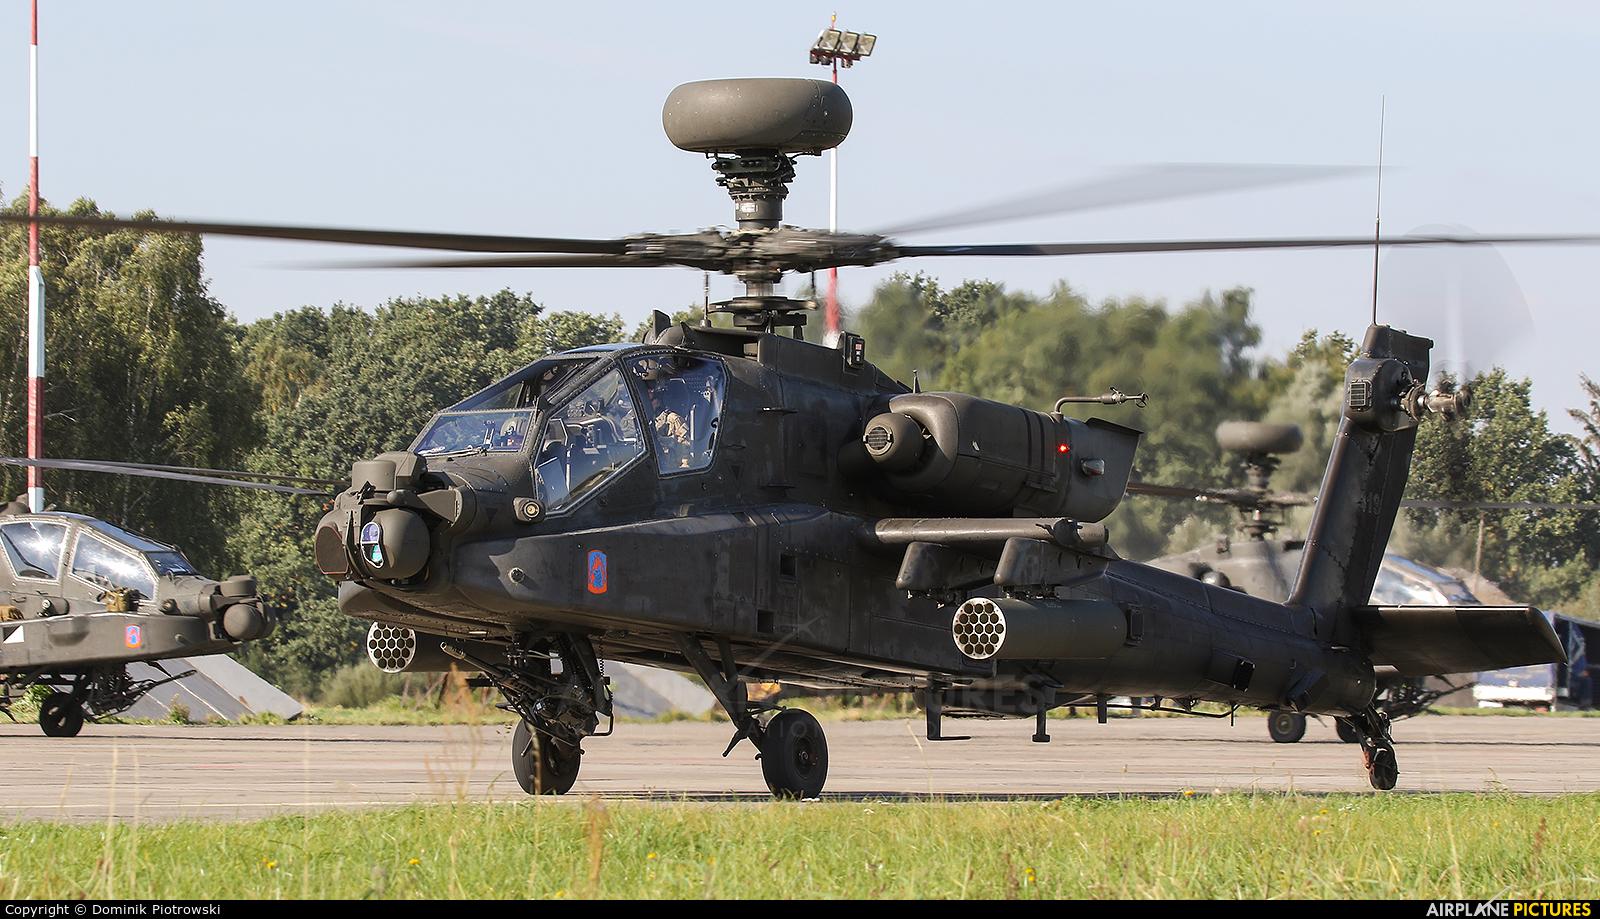 USA - Army 04-05419 aircraft at Malbork